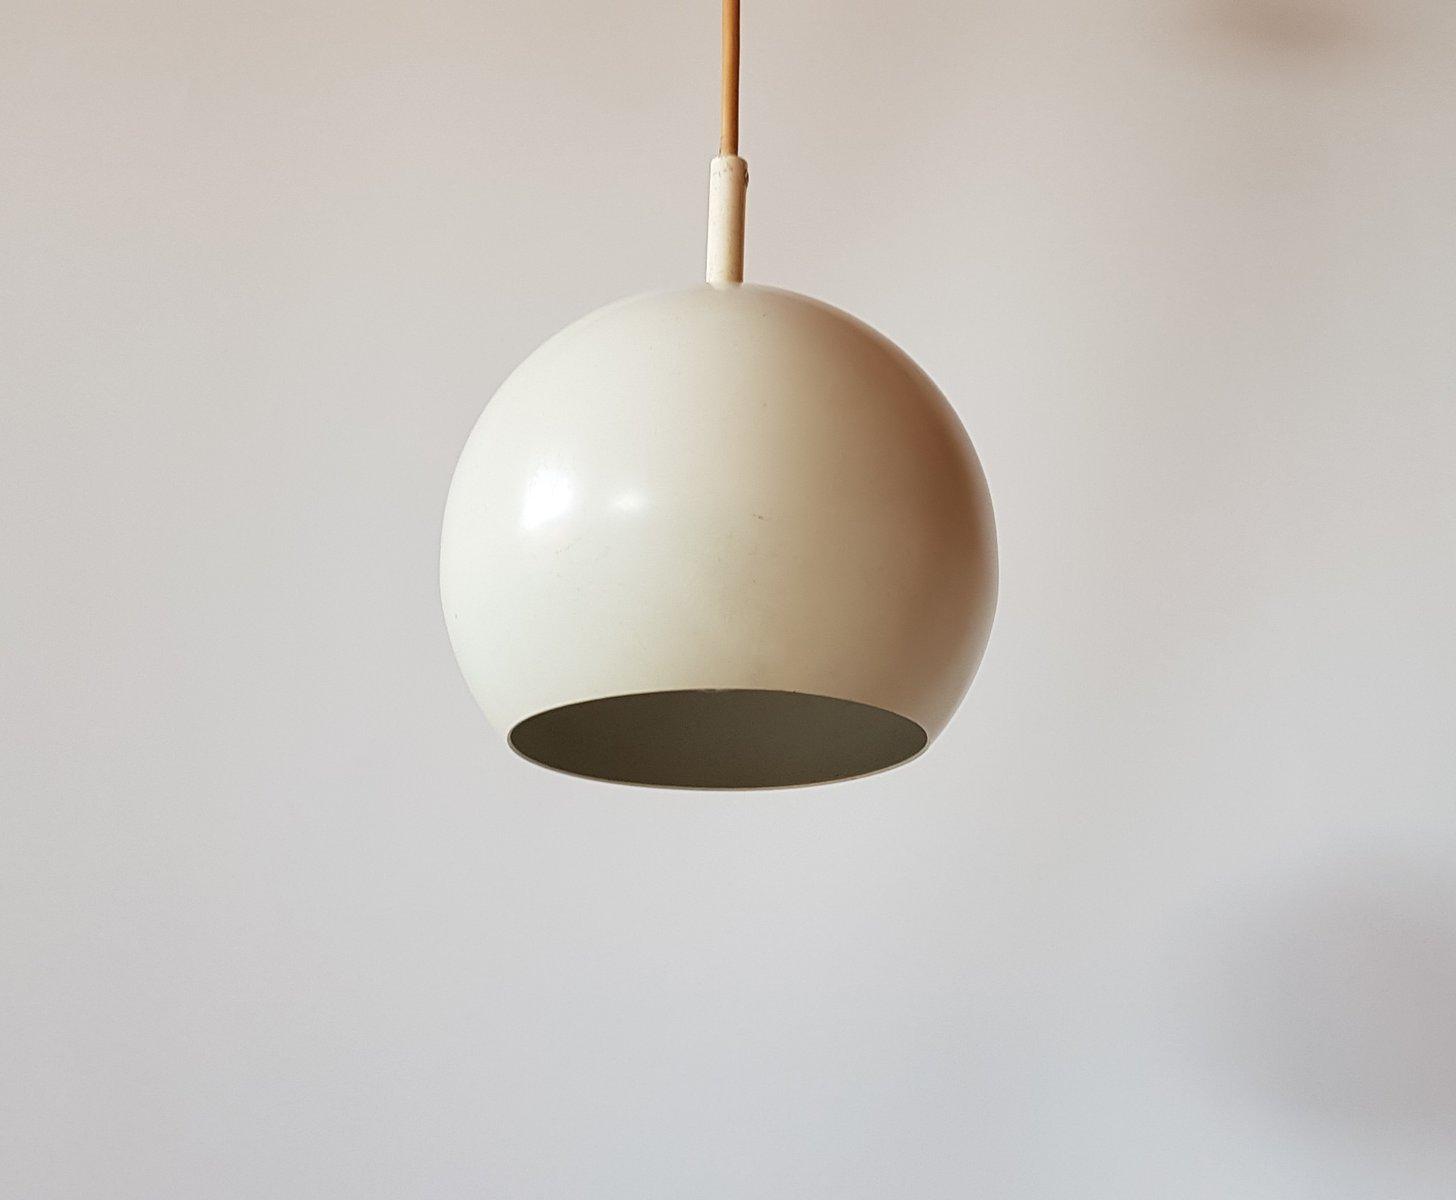 Lampade A Sospensione Vintage : Lampada a sospensione vintage di raak in vendita su pamono